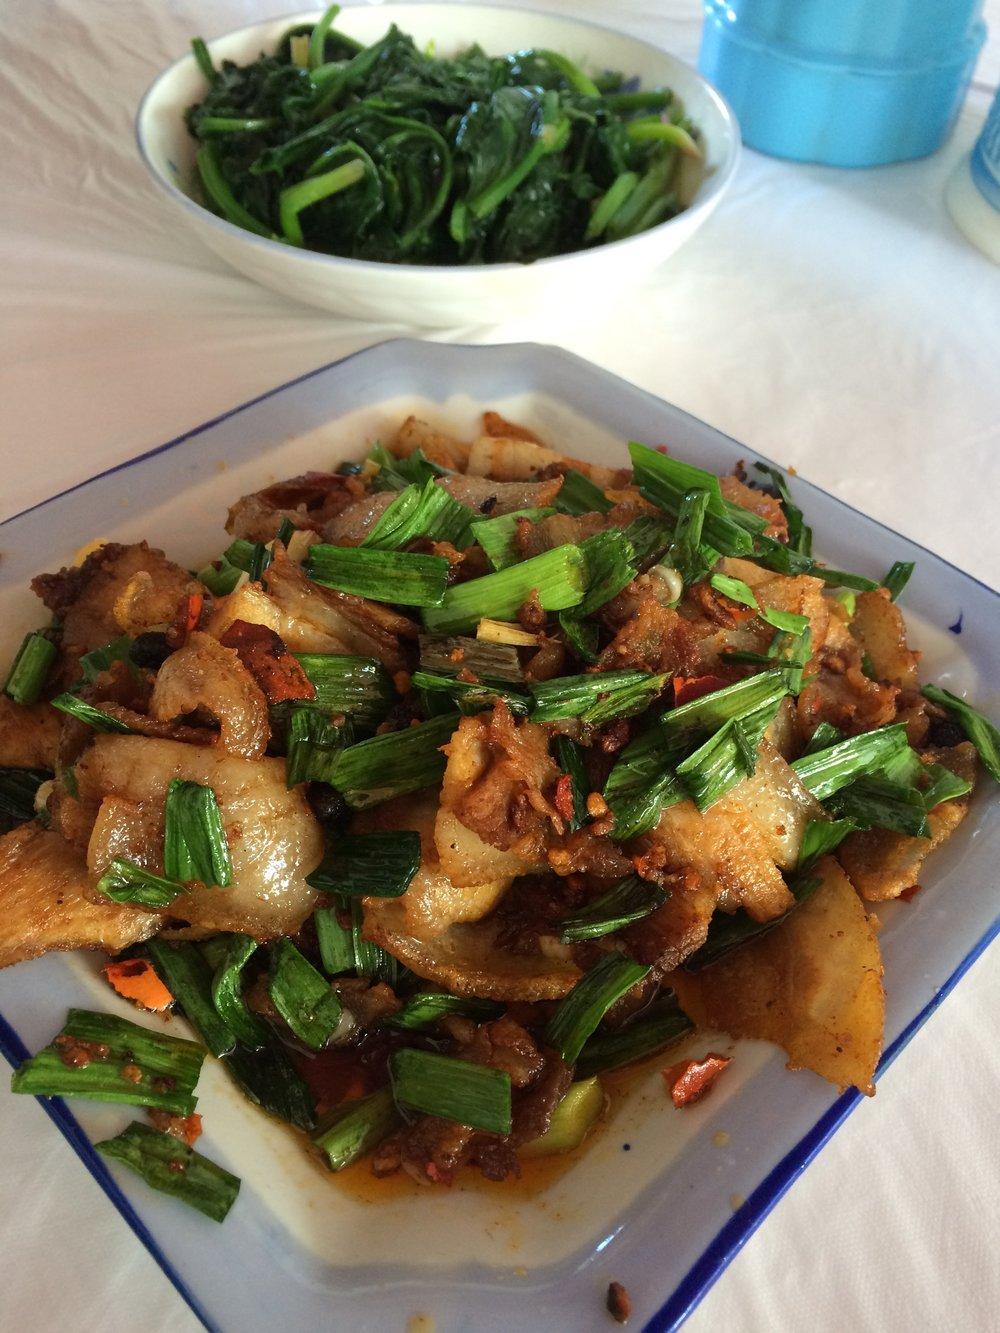 返拉萨途中 I 从珠峰回到拉萨途中便渐渐找到川菜馆了。回锅肉配饭吃,最滋味的中菜呀!